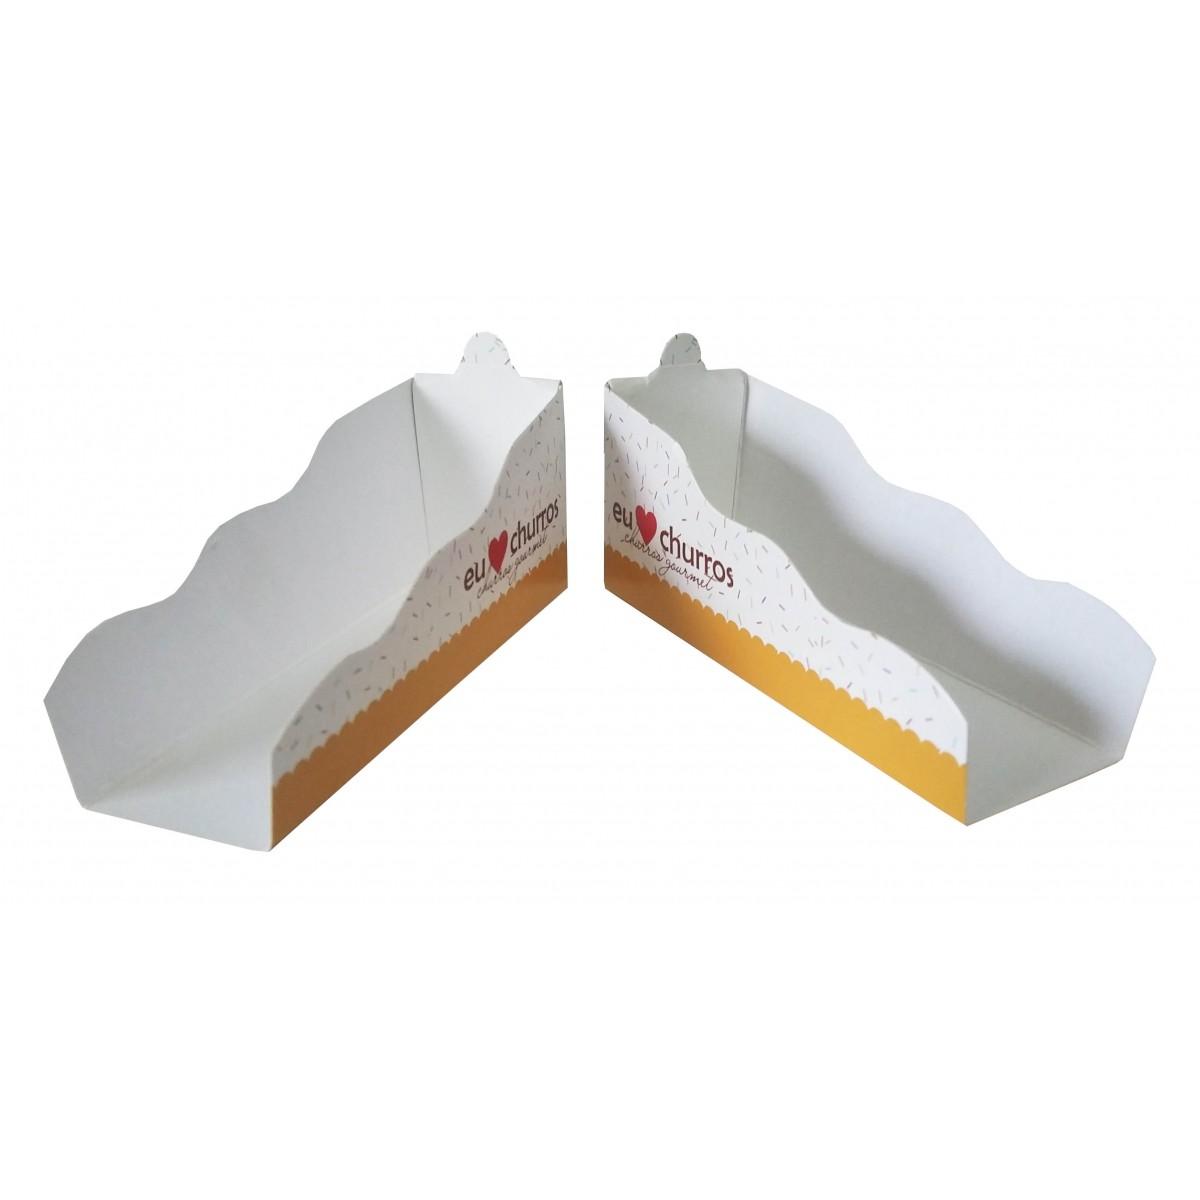 Embalagem para Mini Churros - 500 unidades